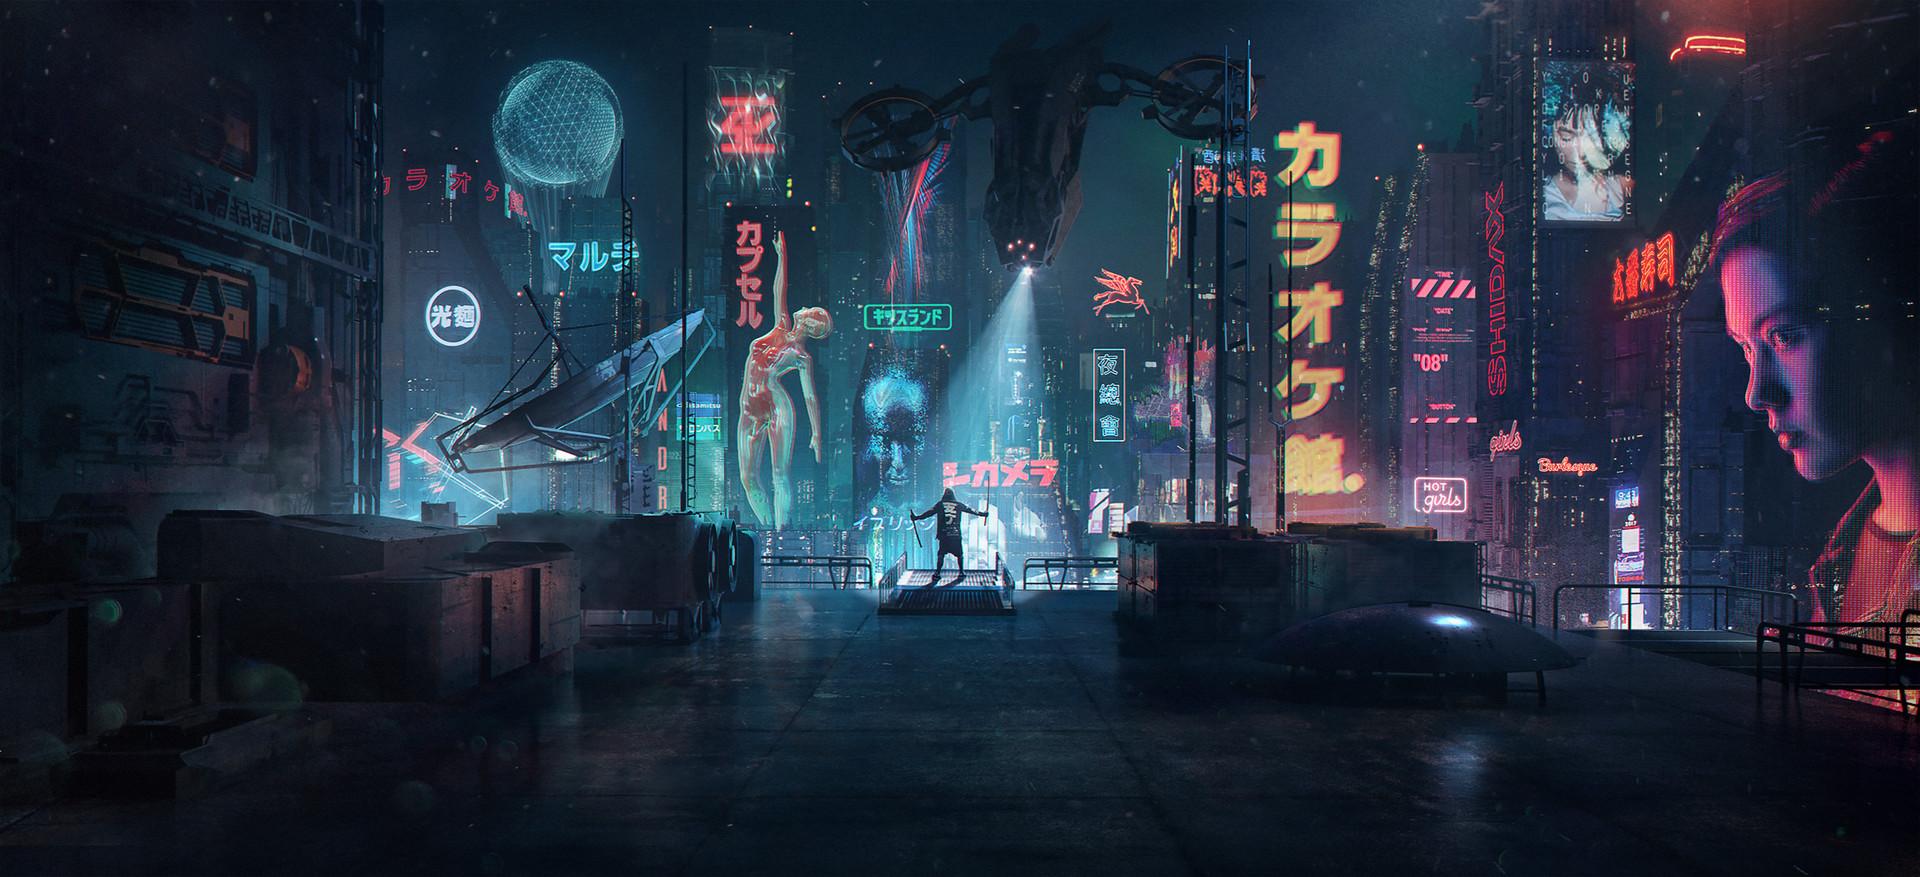 nikita-pilyukshin-cyberpunk-final.jpg?15